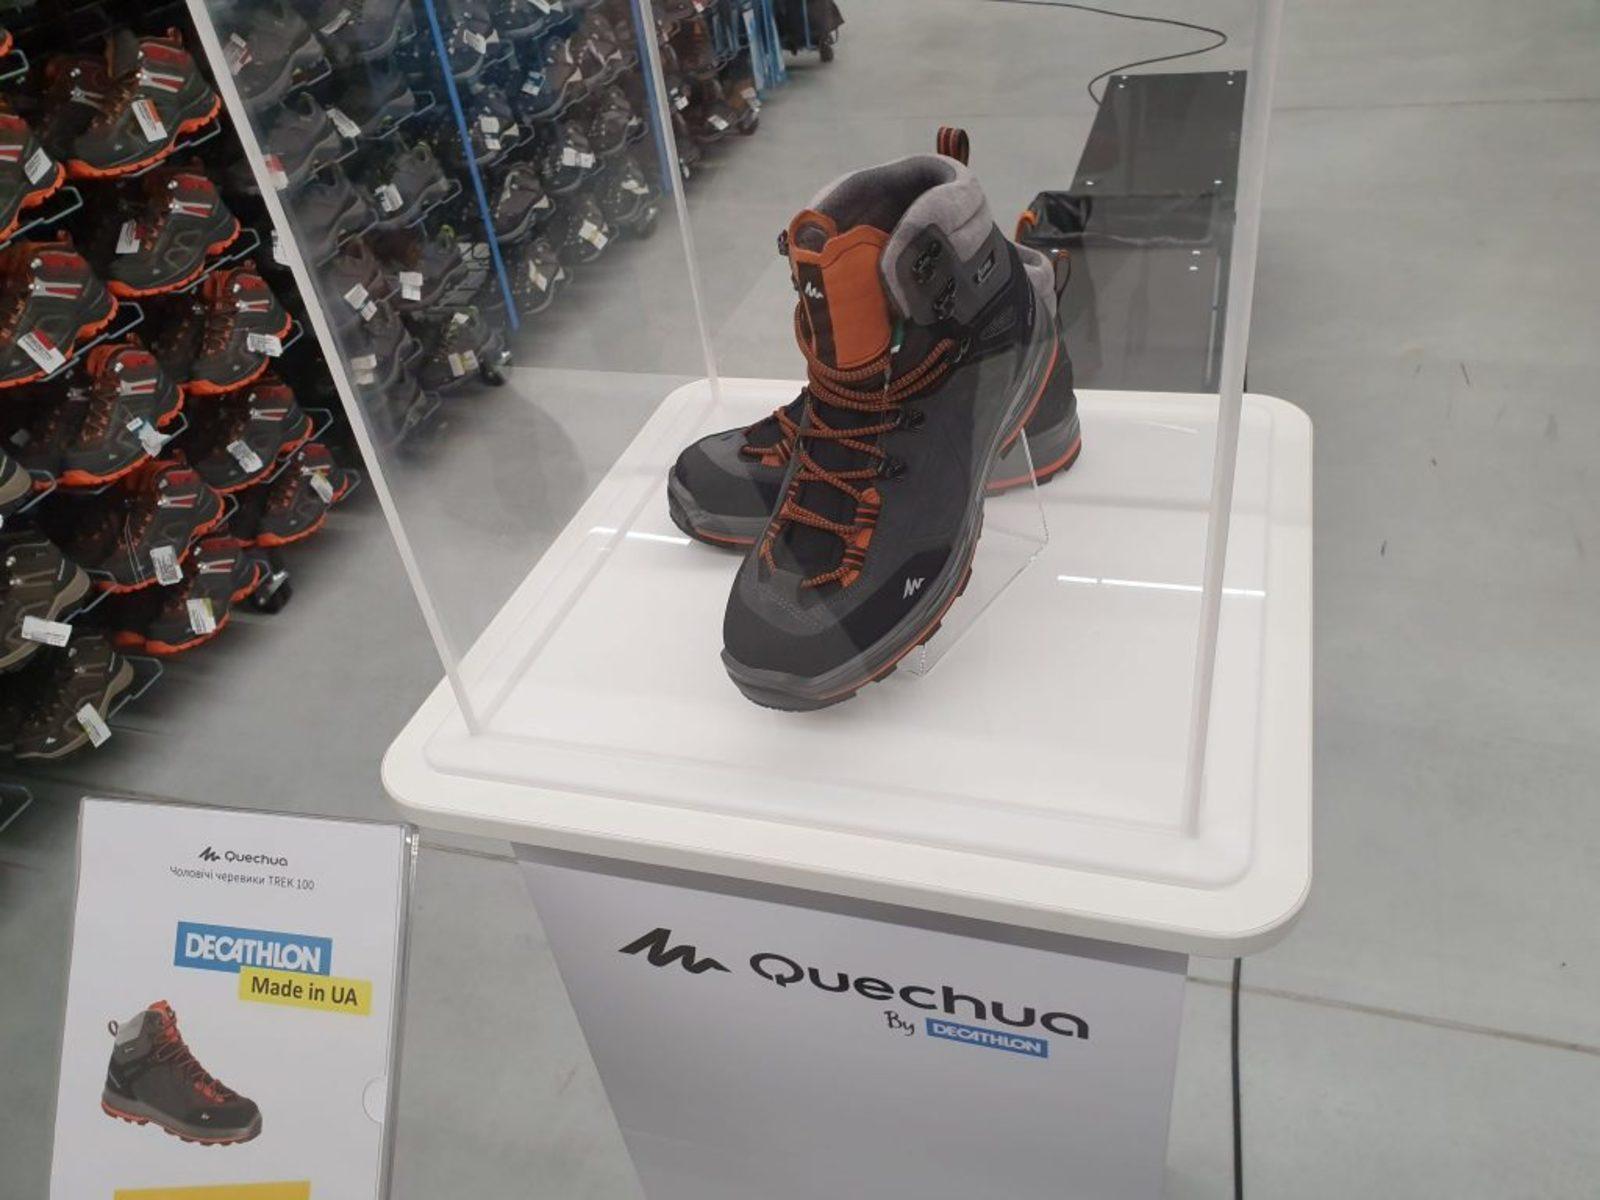 c2944da359c93d Звідти це взуття відправляється на продаж у більшість країн, де представлена  мережа.